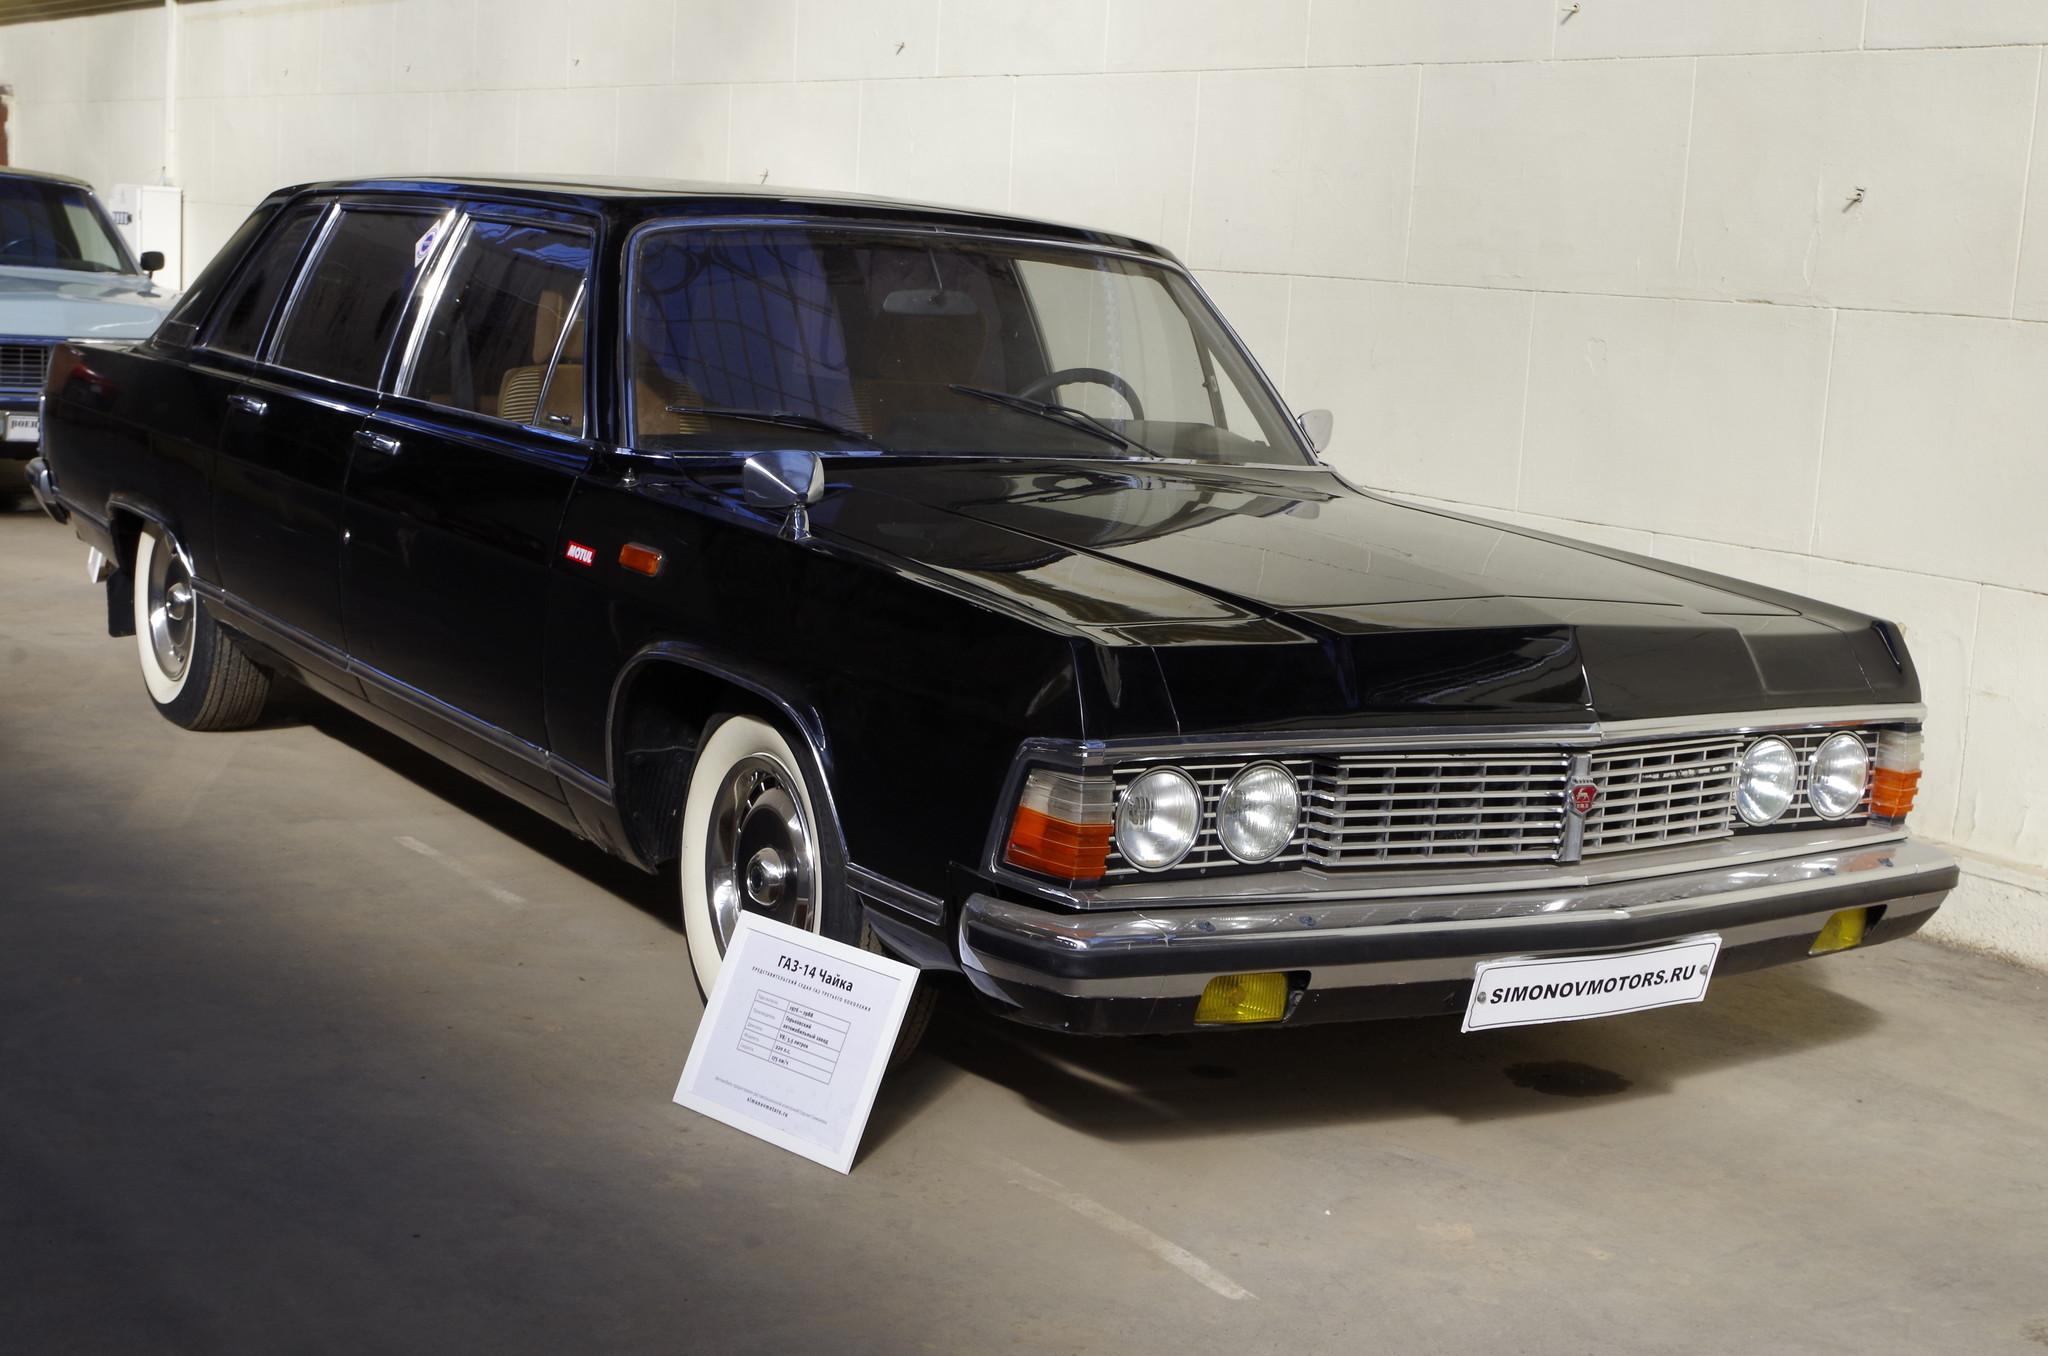 ГАЗ-14 «Чайка» — советский представительский легковой автомобиль большого класса, ручная сборка на Горьковском автозаводом